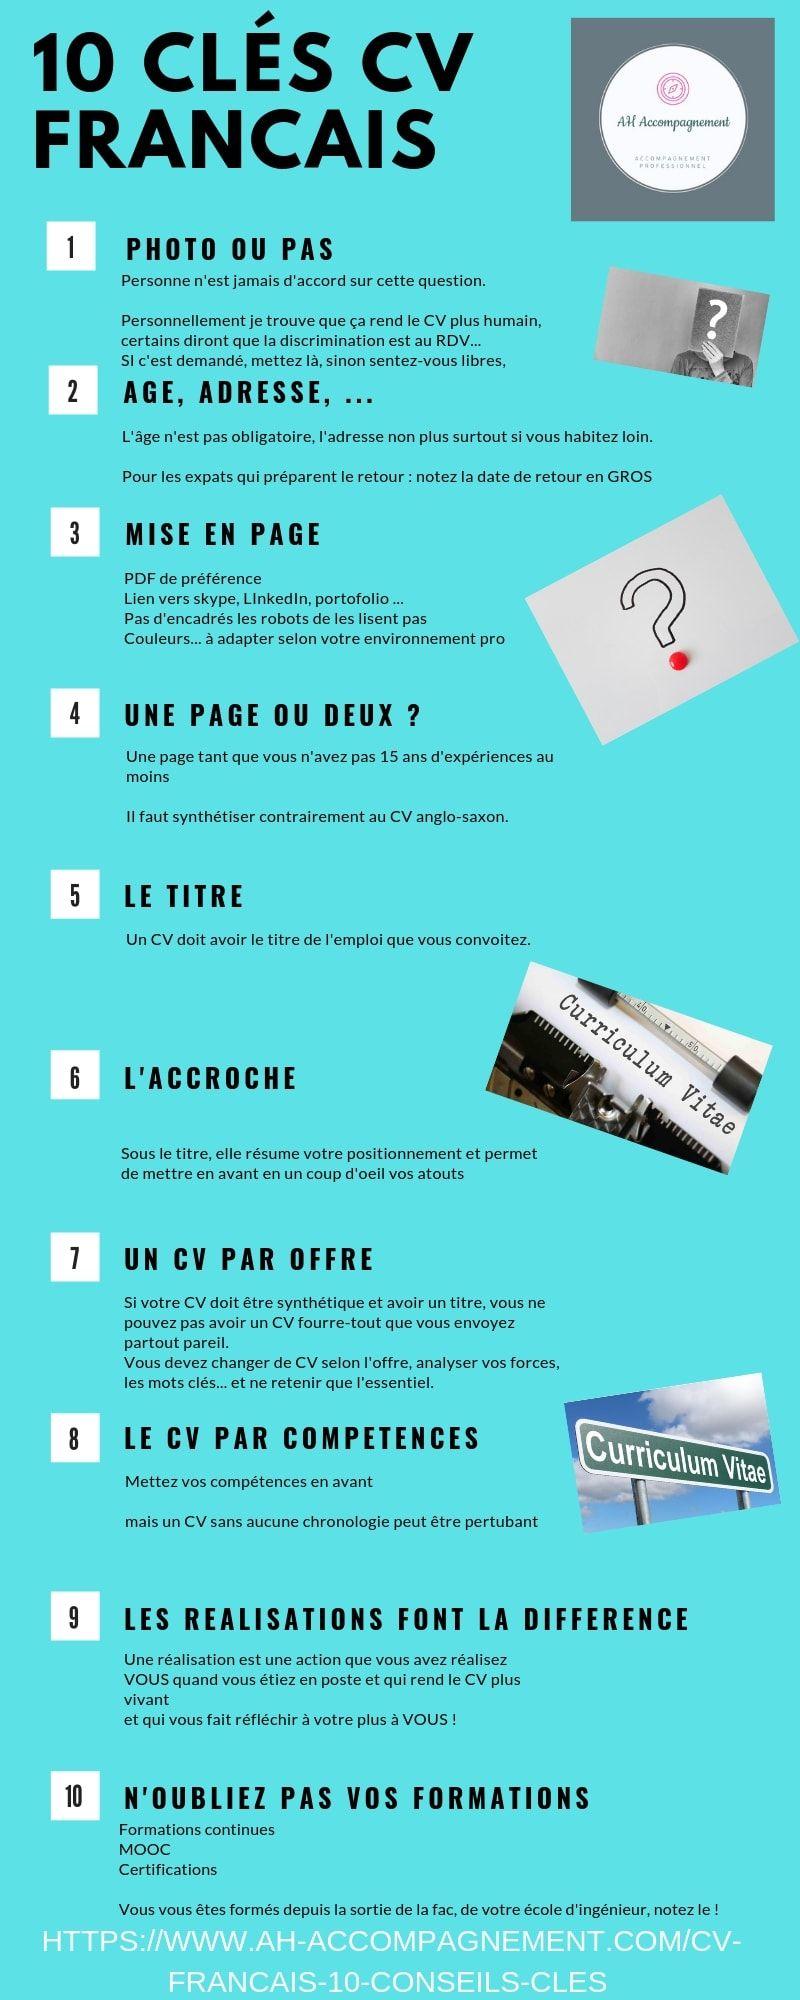 Cv Francais 10 Conseils Cles Cv Francais Recherche Emploi Conseils Pour Cv